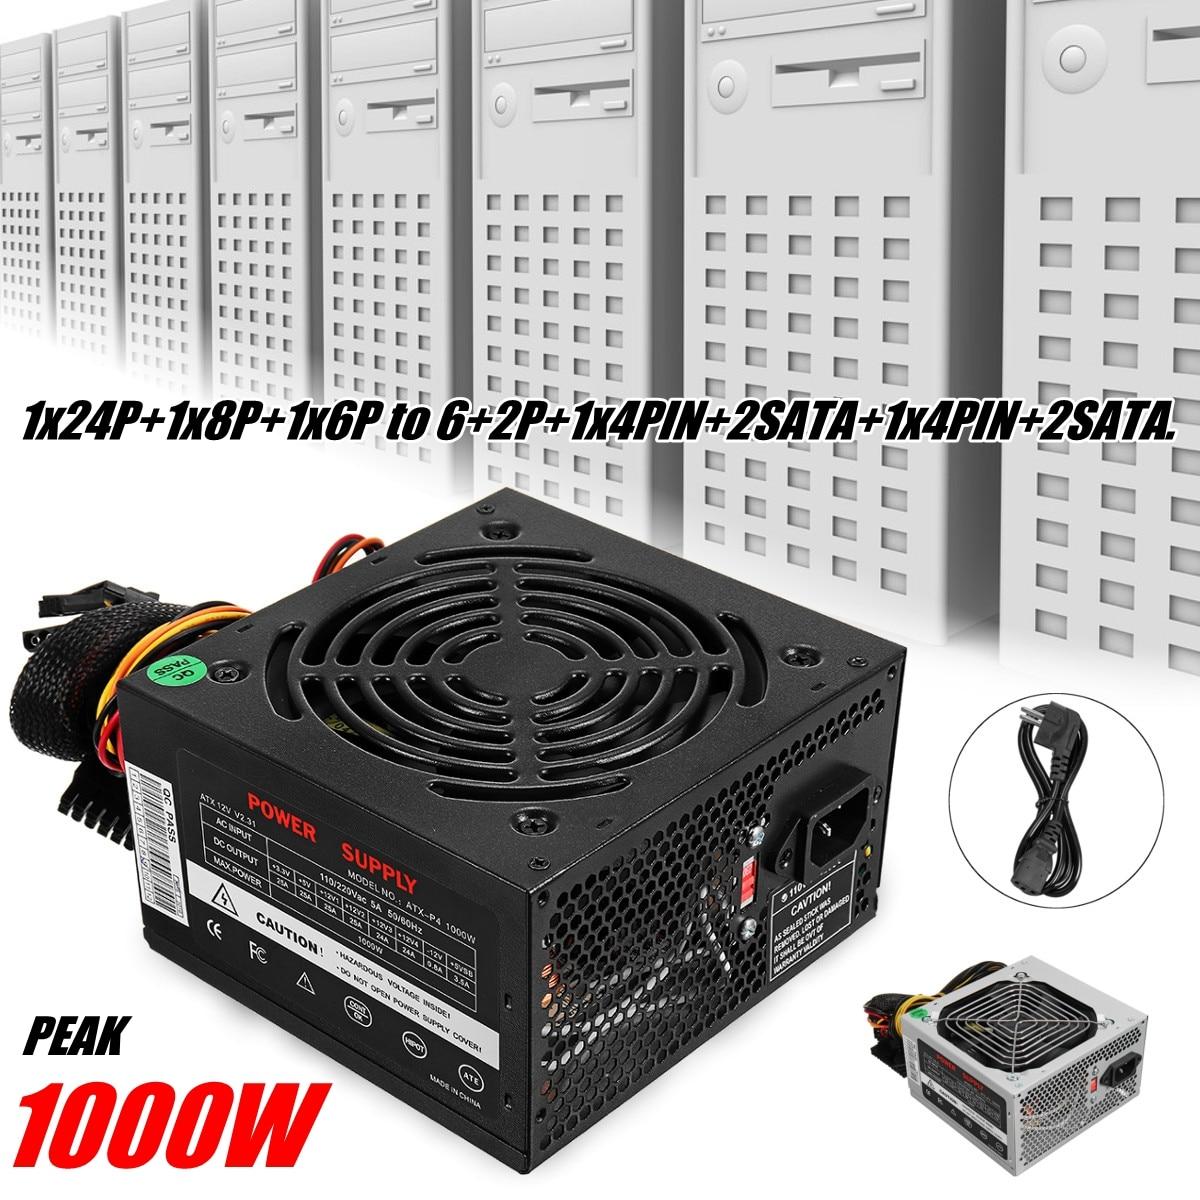 1000W alimentation PSU PFC ventilateur silencieux ATX 24pin 12V PC ordinateur SATA PC de jeu alimentation pour ordinateur Intel AMD